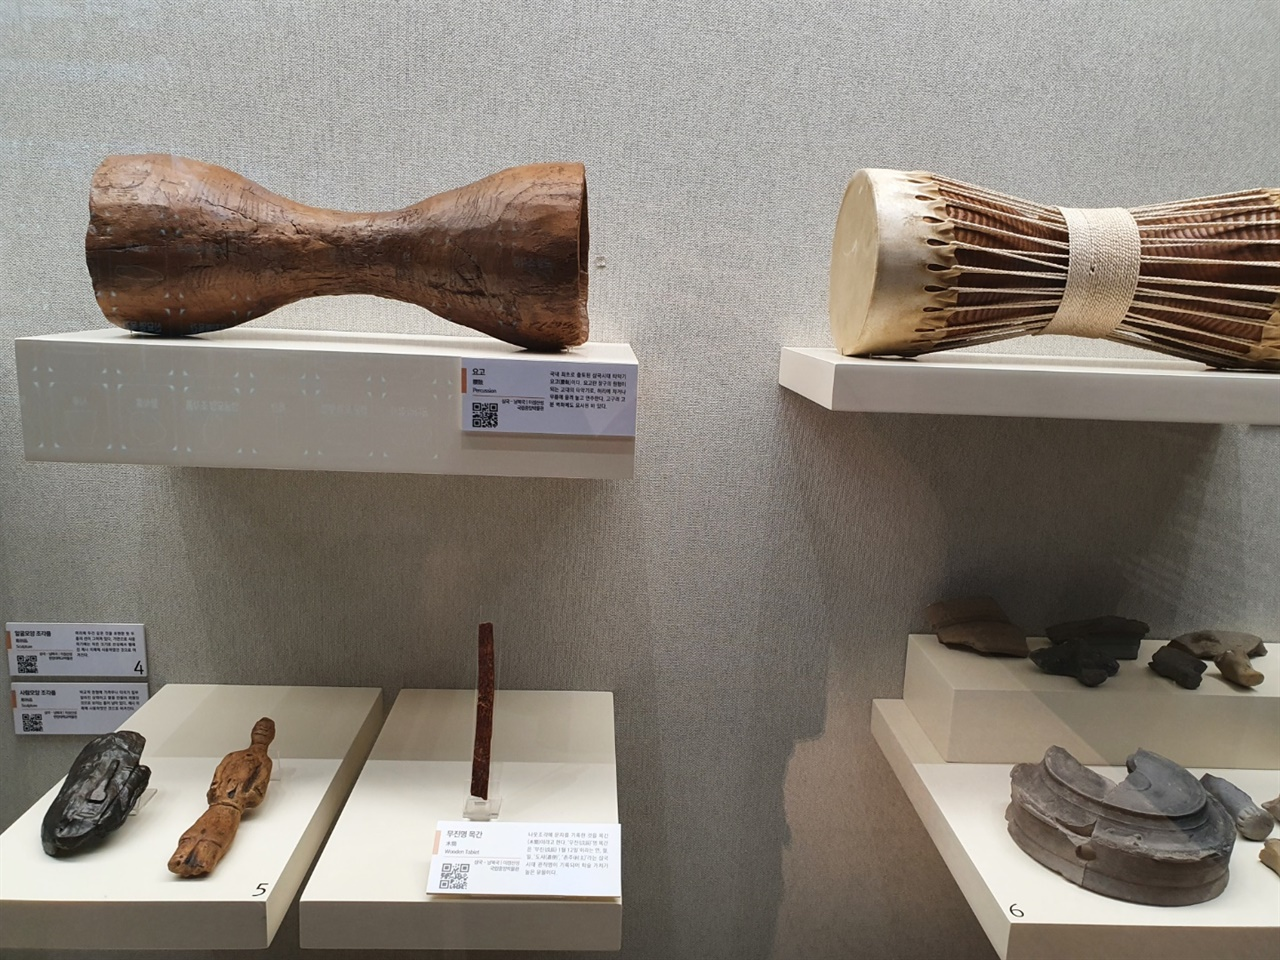 이성산성에서 출토된 주요 유물들 예전 백제의 위례성이라고 추측하는 학자도 있을 정도로 이성산성은 우리나라 고대사의 중요한 장소 중 하나라고 볼 수 있다. 이성산성에서 출토된 유물중에 장구의 원형이라 할 수 있는 요고도 전시되어 있었다.